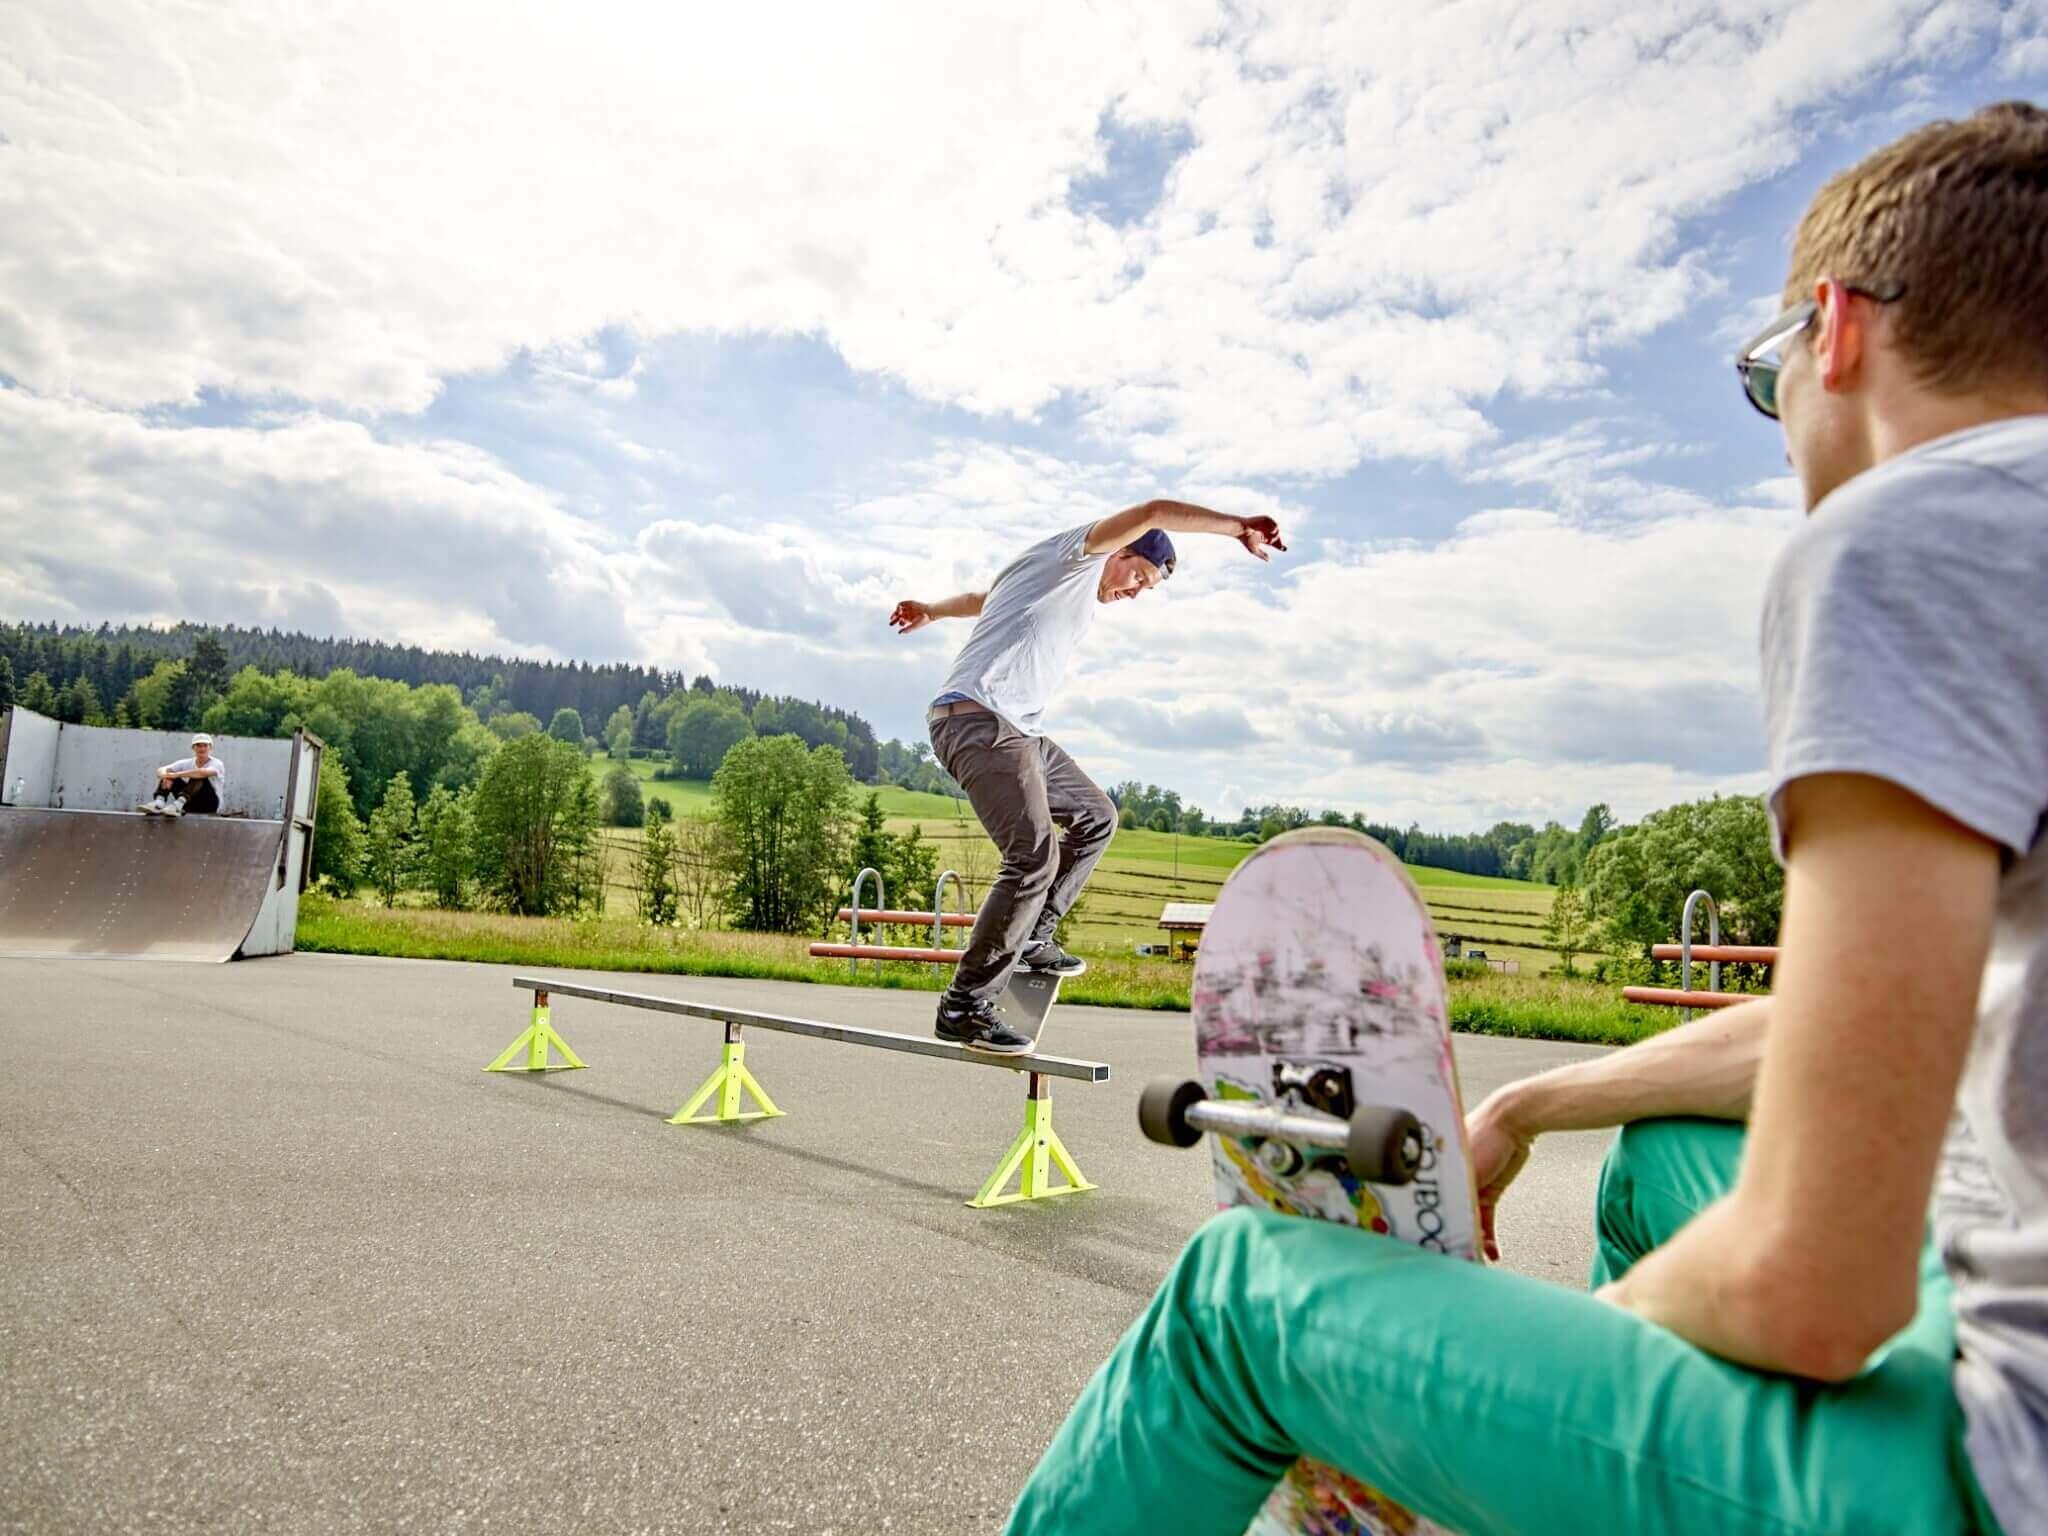 Ein jugendlicher Skater im Mittelpunkt, rechts ein zweiter Skater mit Skateboard in der Hand im Skatepark Zwiesel.